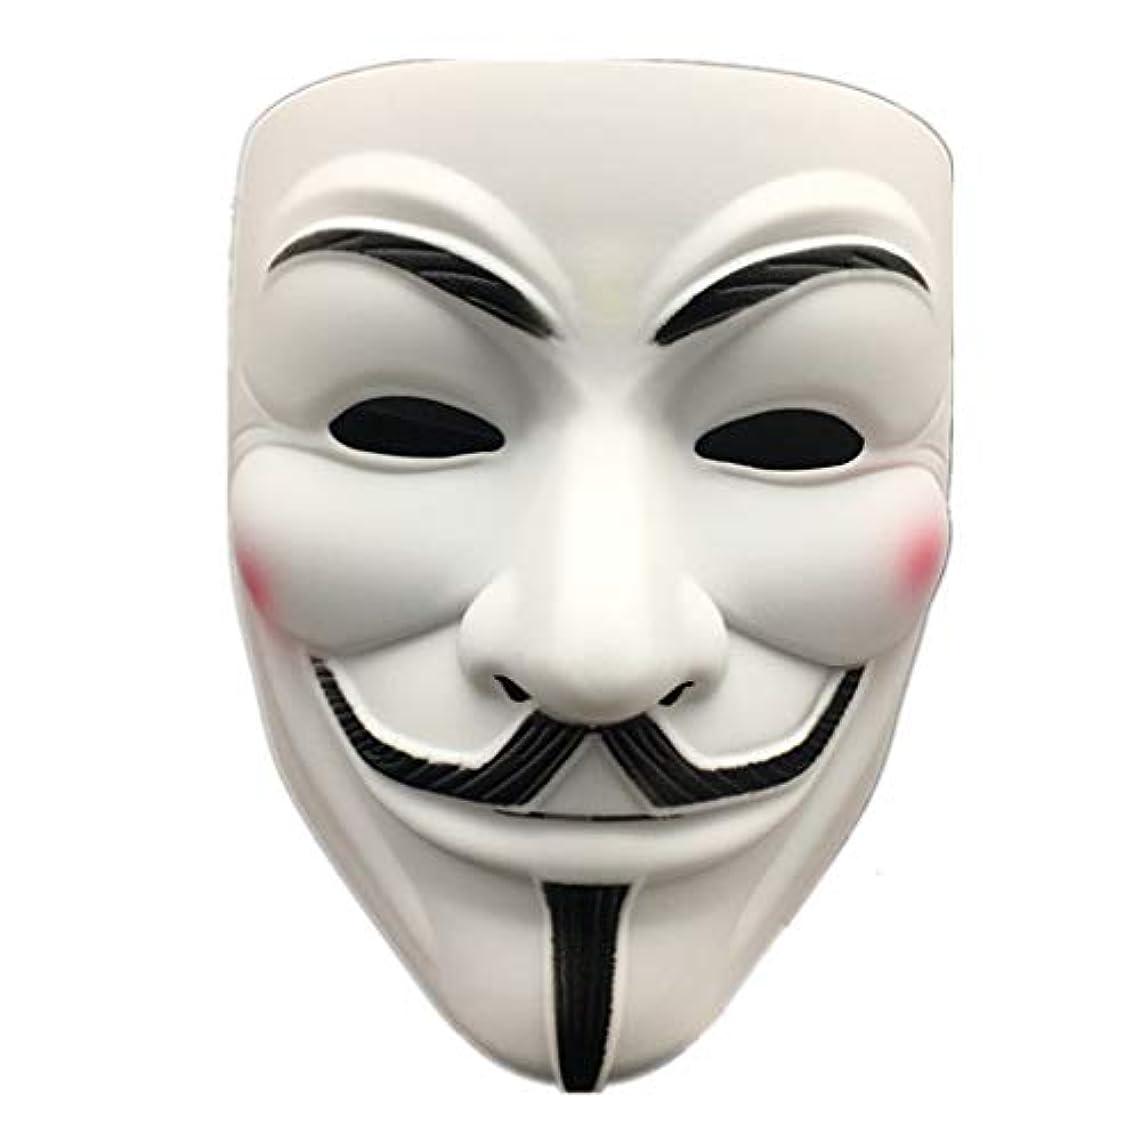 心から拍車泥沼ハロウィンマスクフルフェイスストリートダンス振動マスク仮装変なマスクダンスマスク